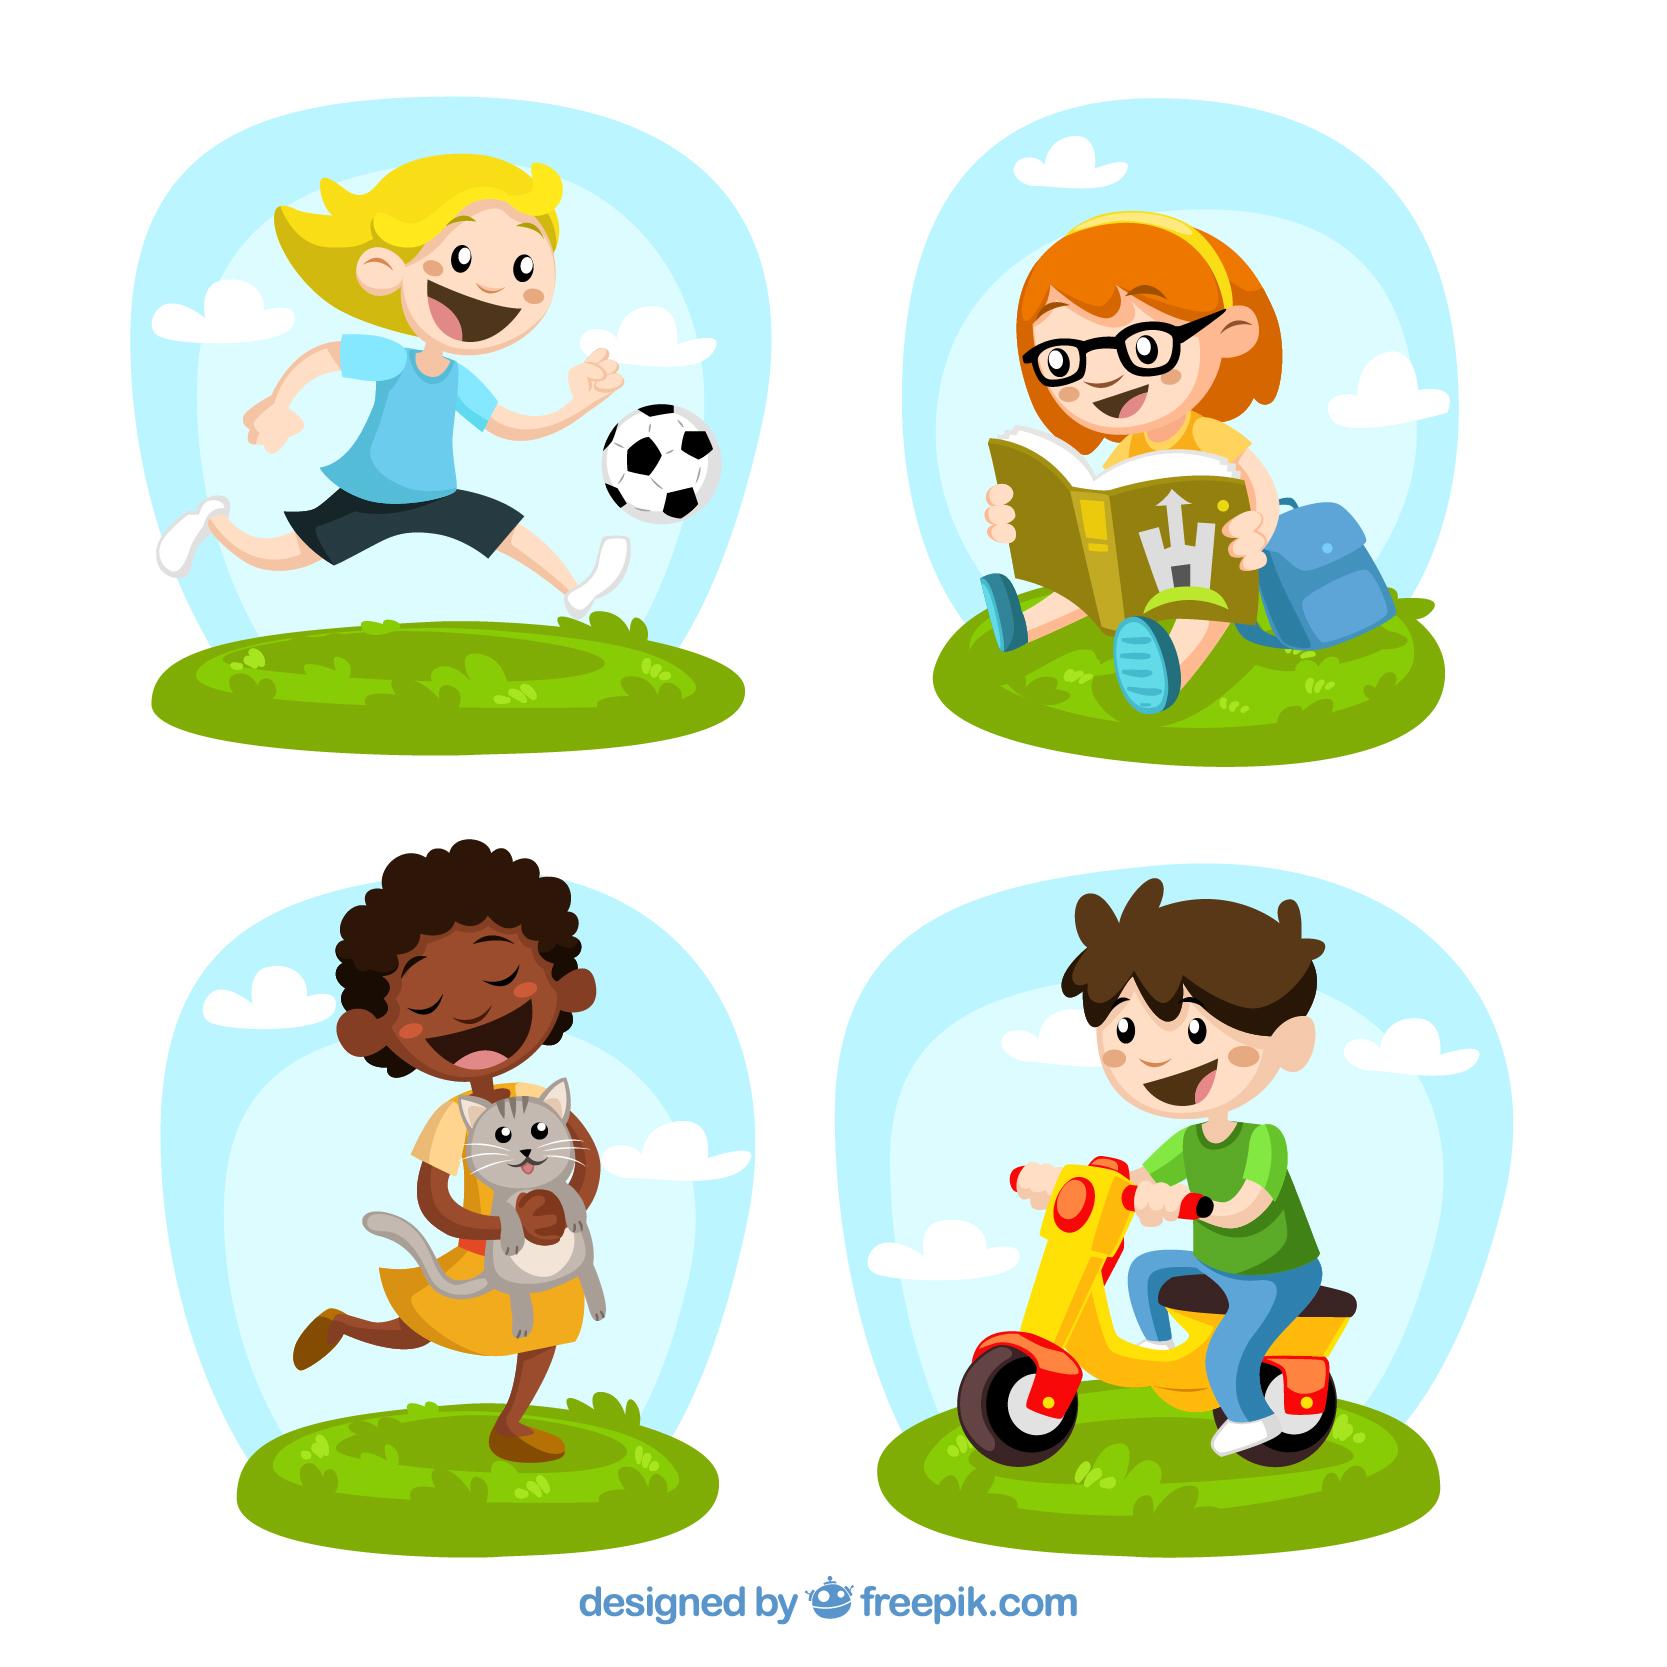 Para Niños Populares Y De Blog El Querolets Juegos Tradicionales XOPuTZik